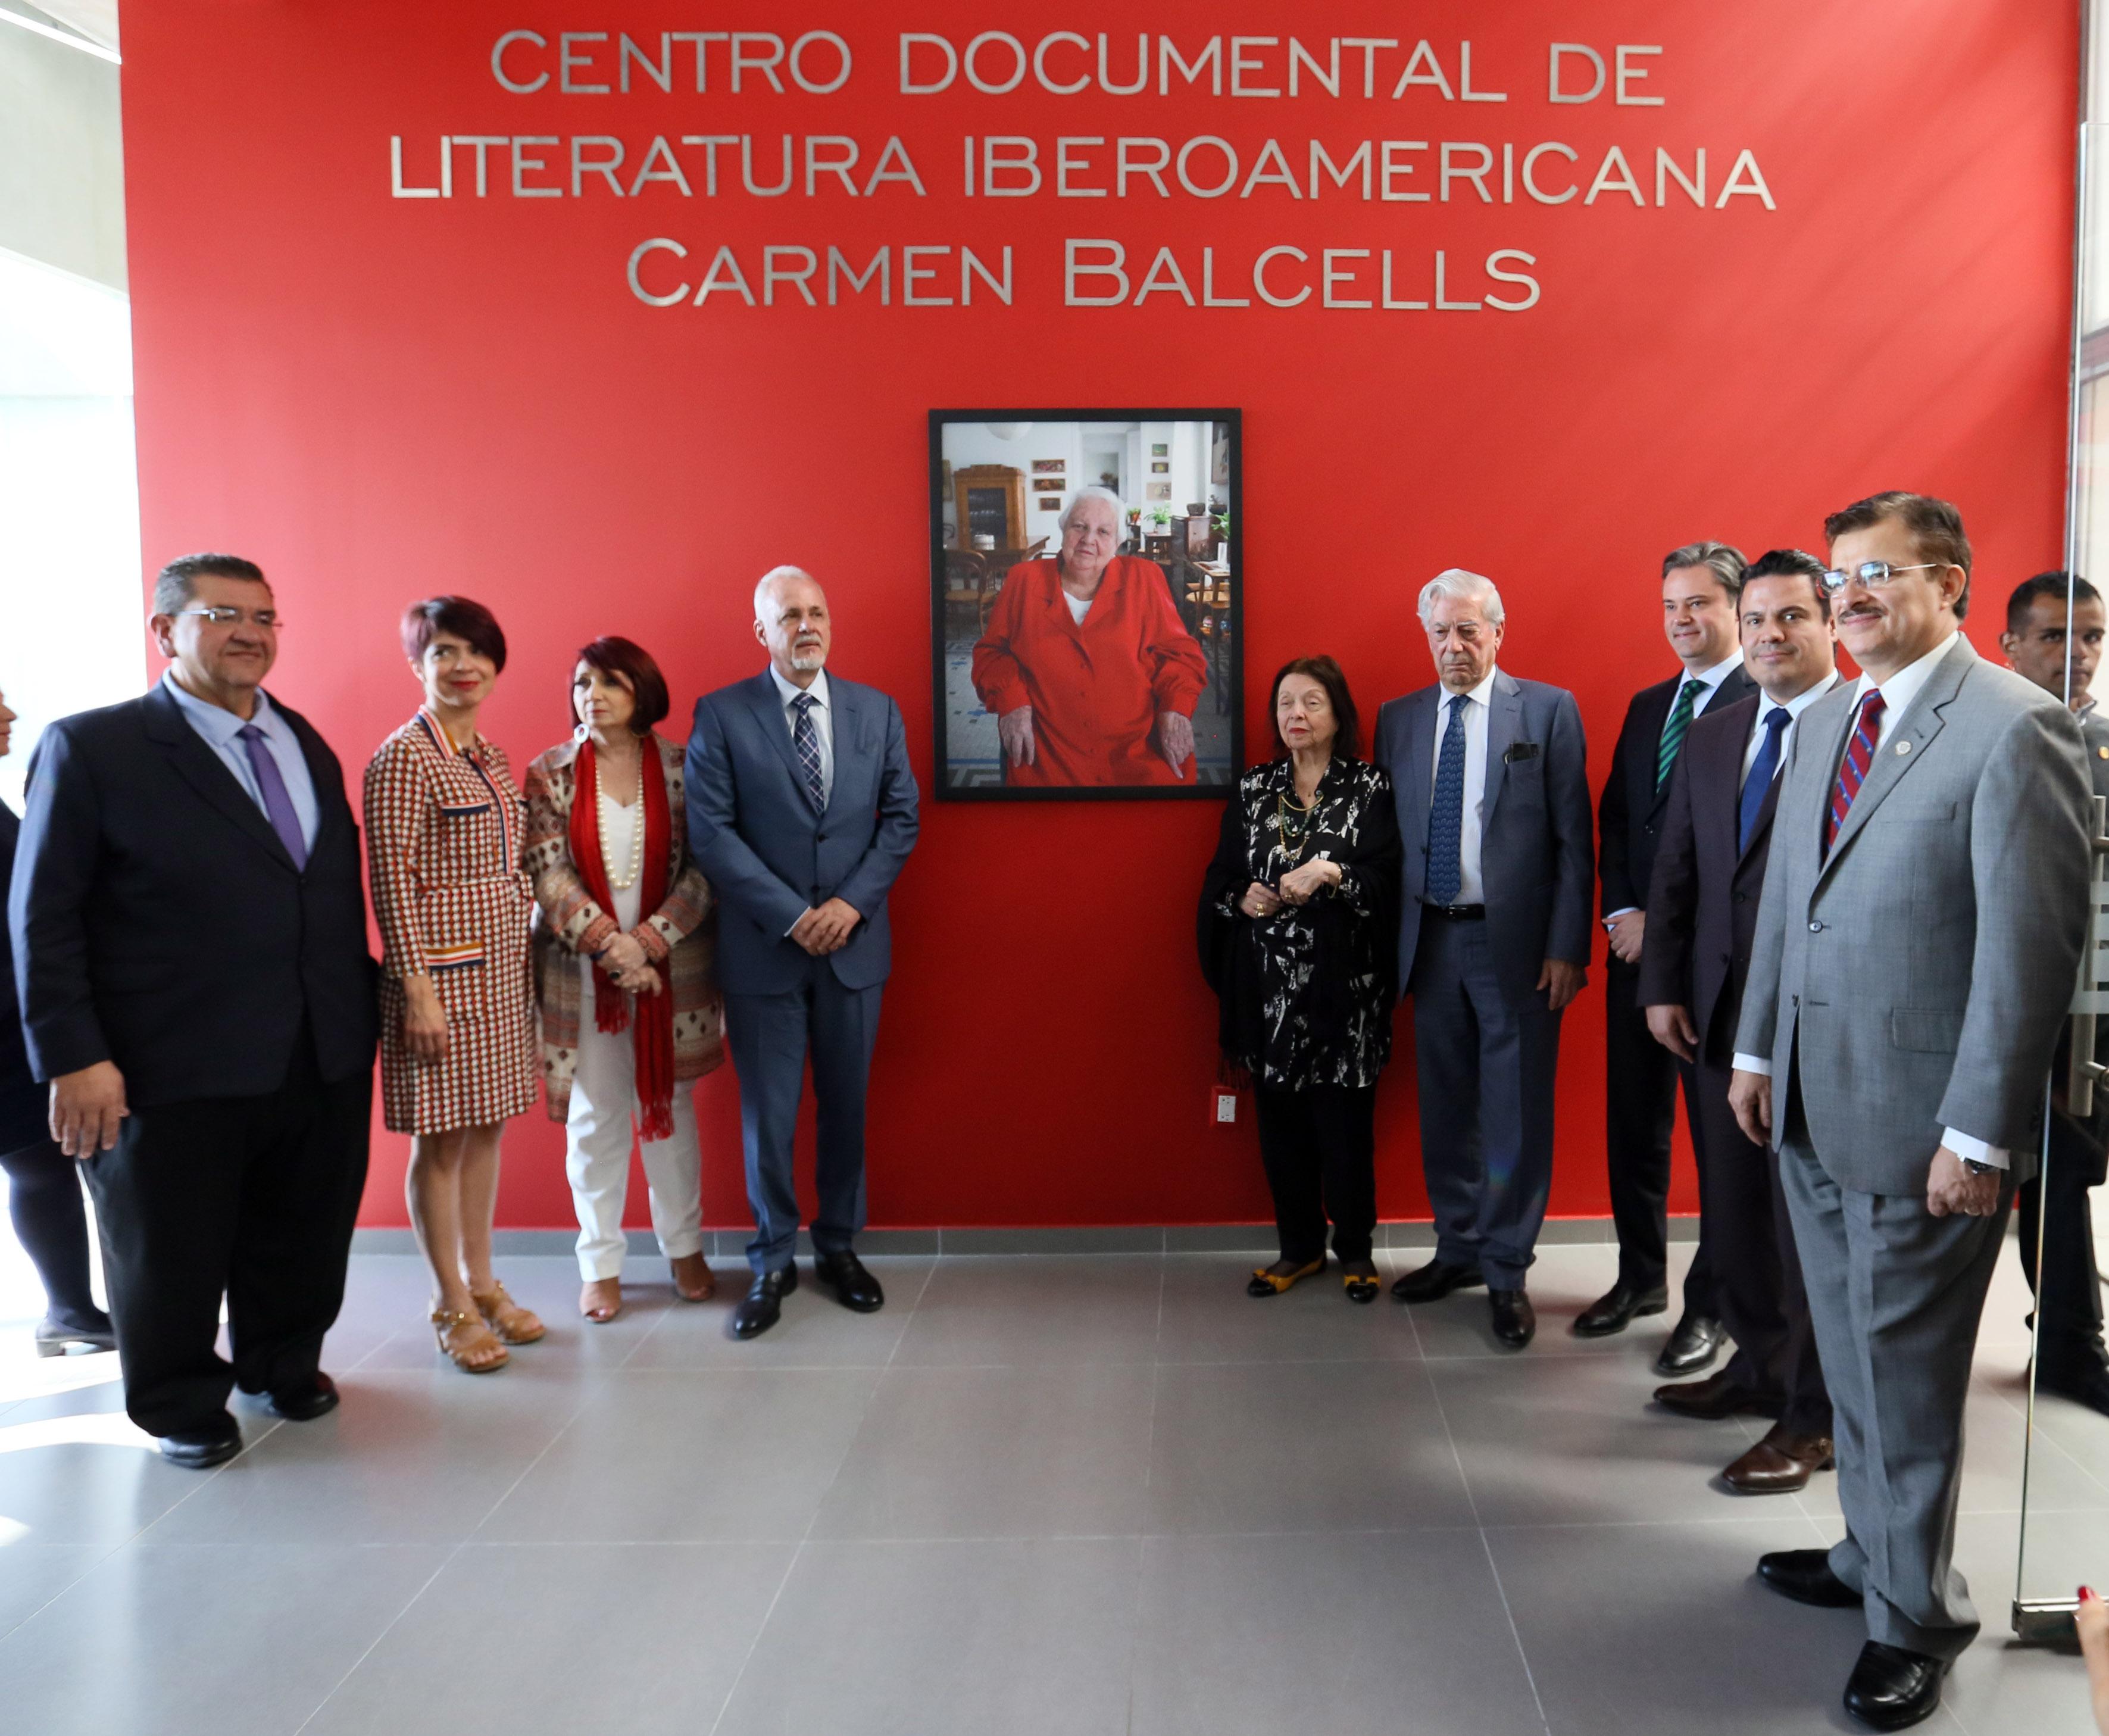 Ceremonia de inauguración archivo digital de la agente Carmen Balcells